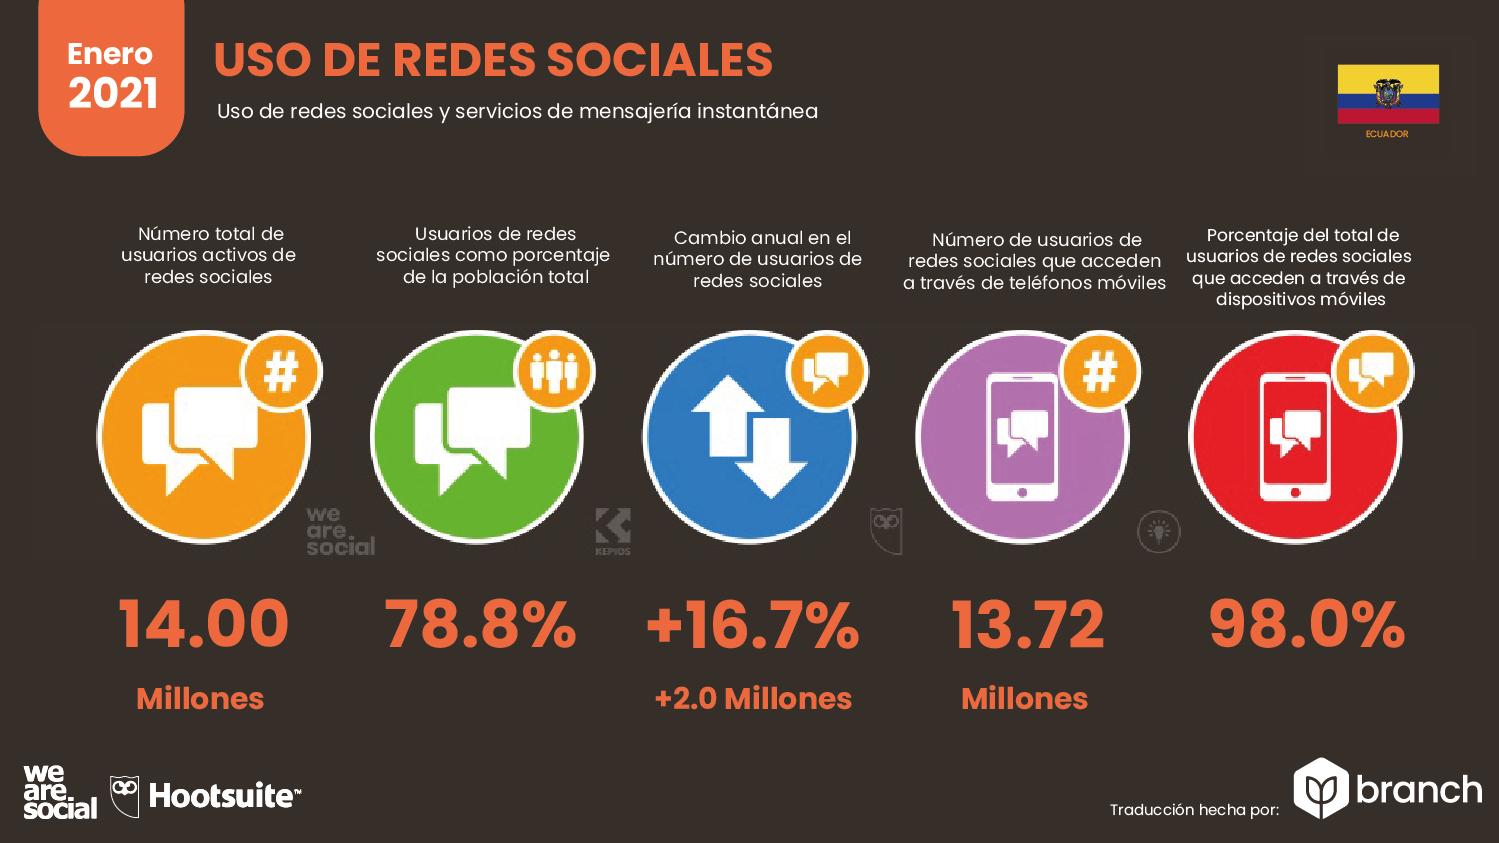 uso-de-redes-sociales-ecuador-2020-2021